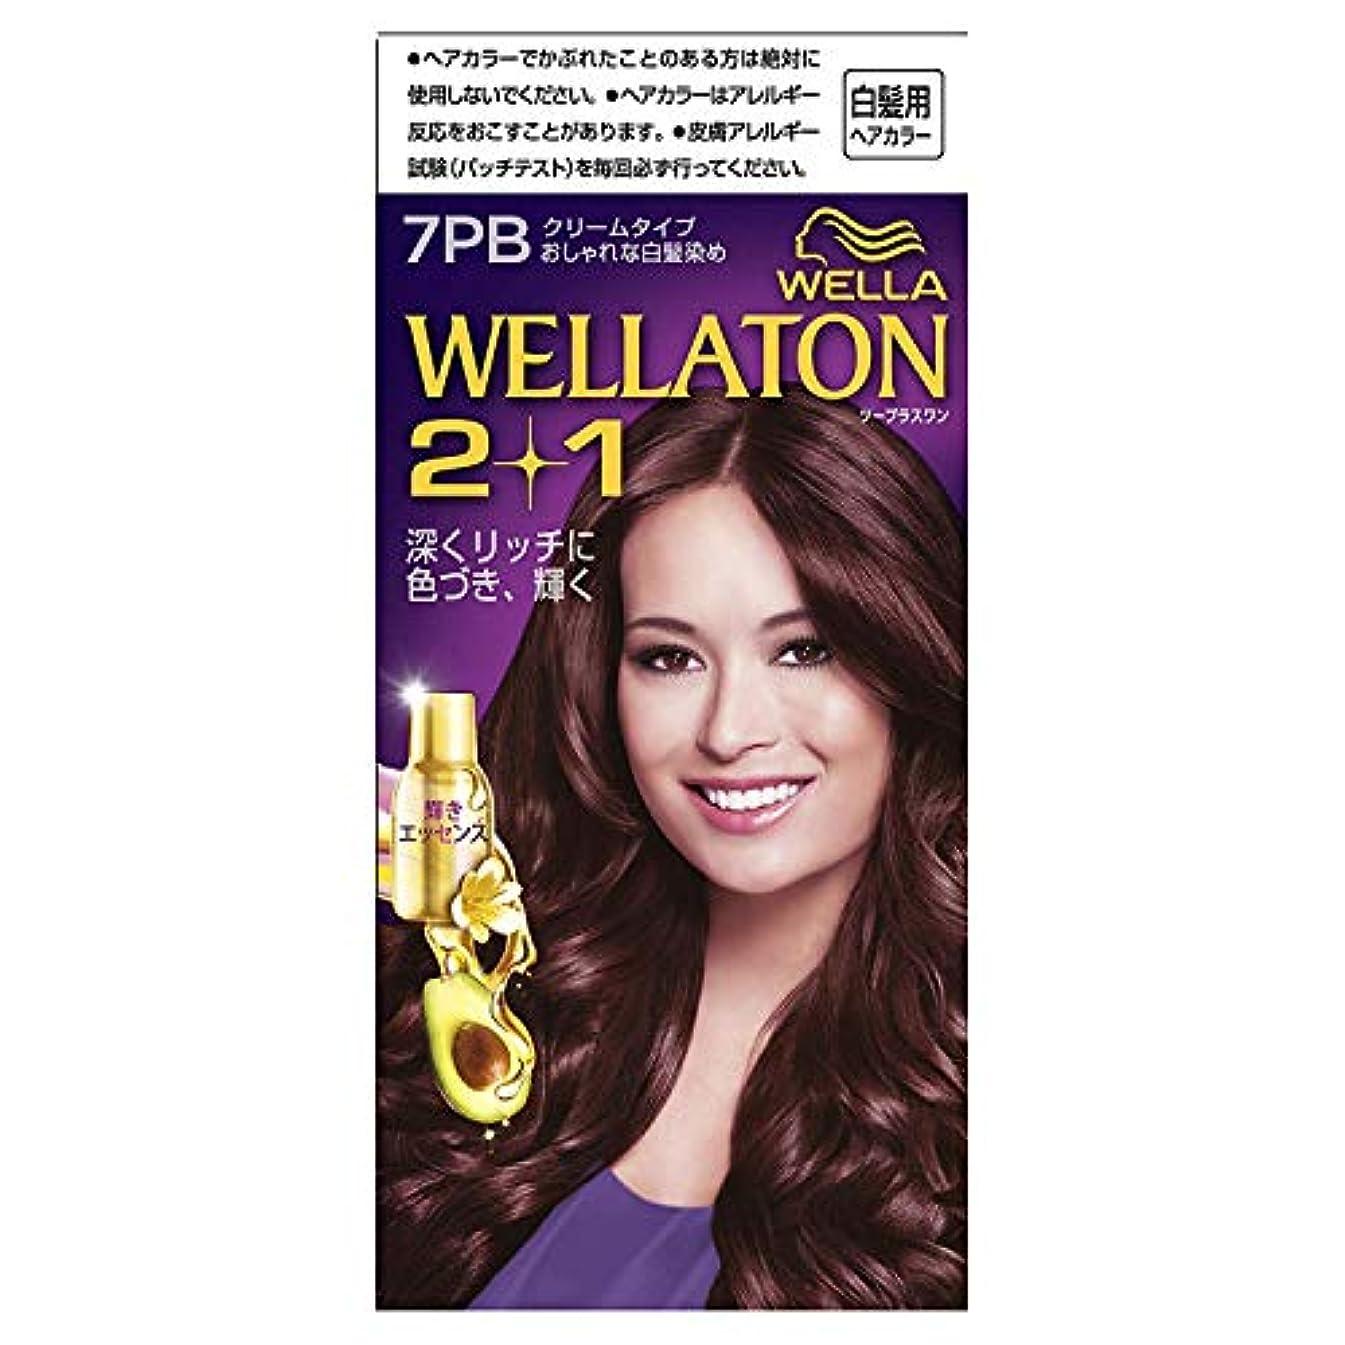 雑草オール教室ウエラトーン2+1 白髪染め クリームタイプ 7PB [医薬部外品] ×3個